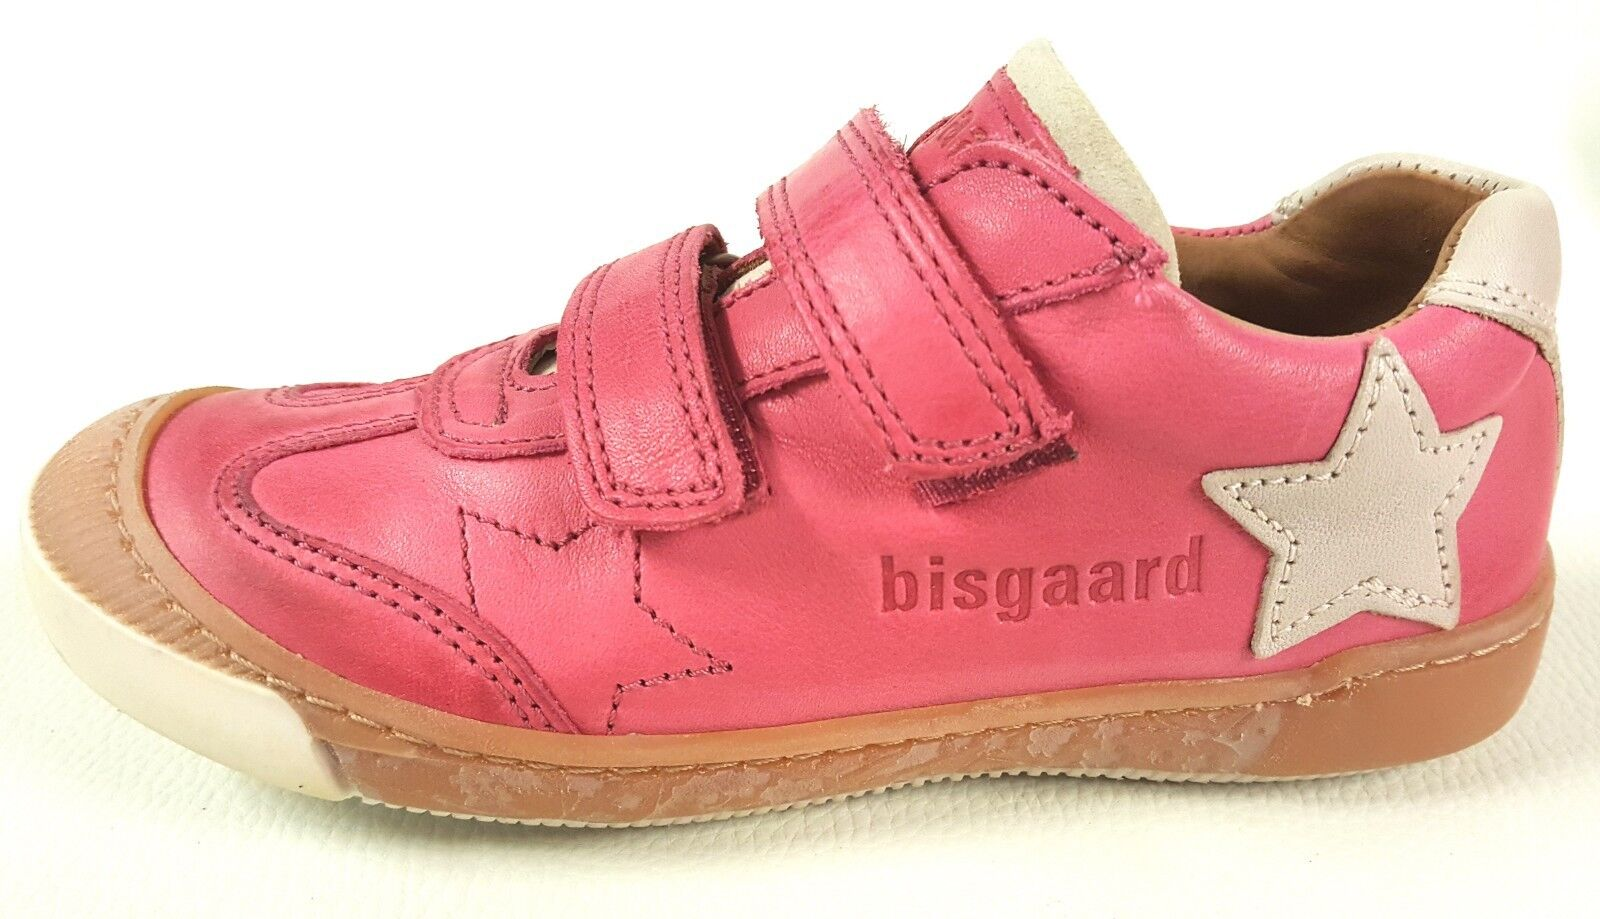 BISGAARD Mädchen Stiefel Tex Wollfutter pink